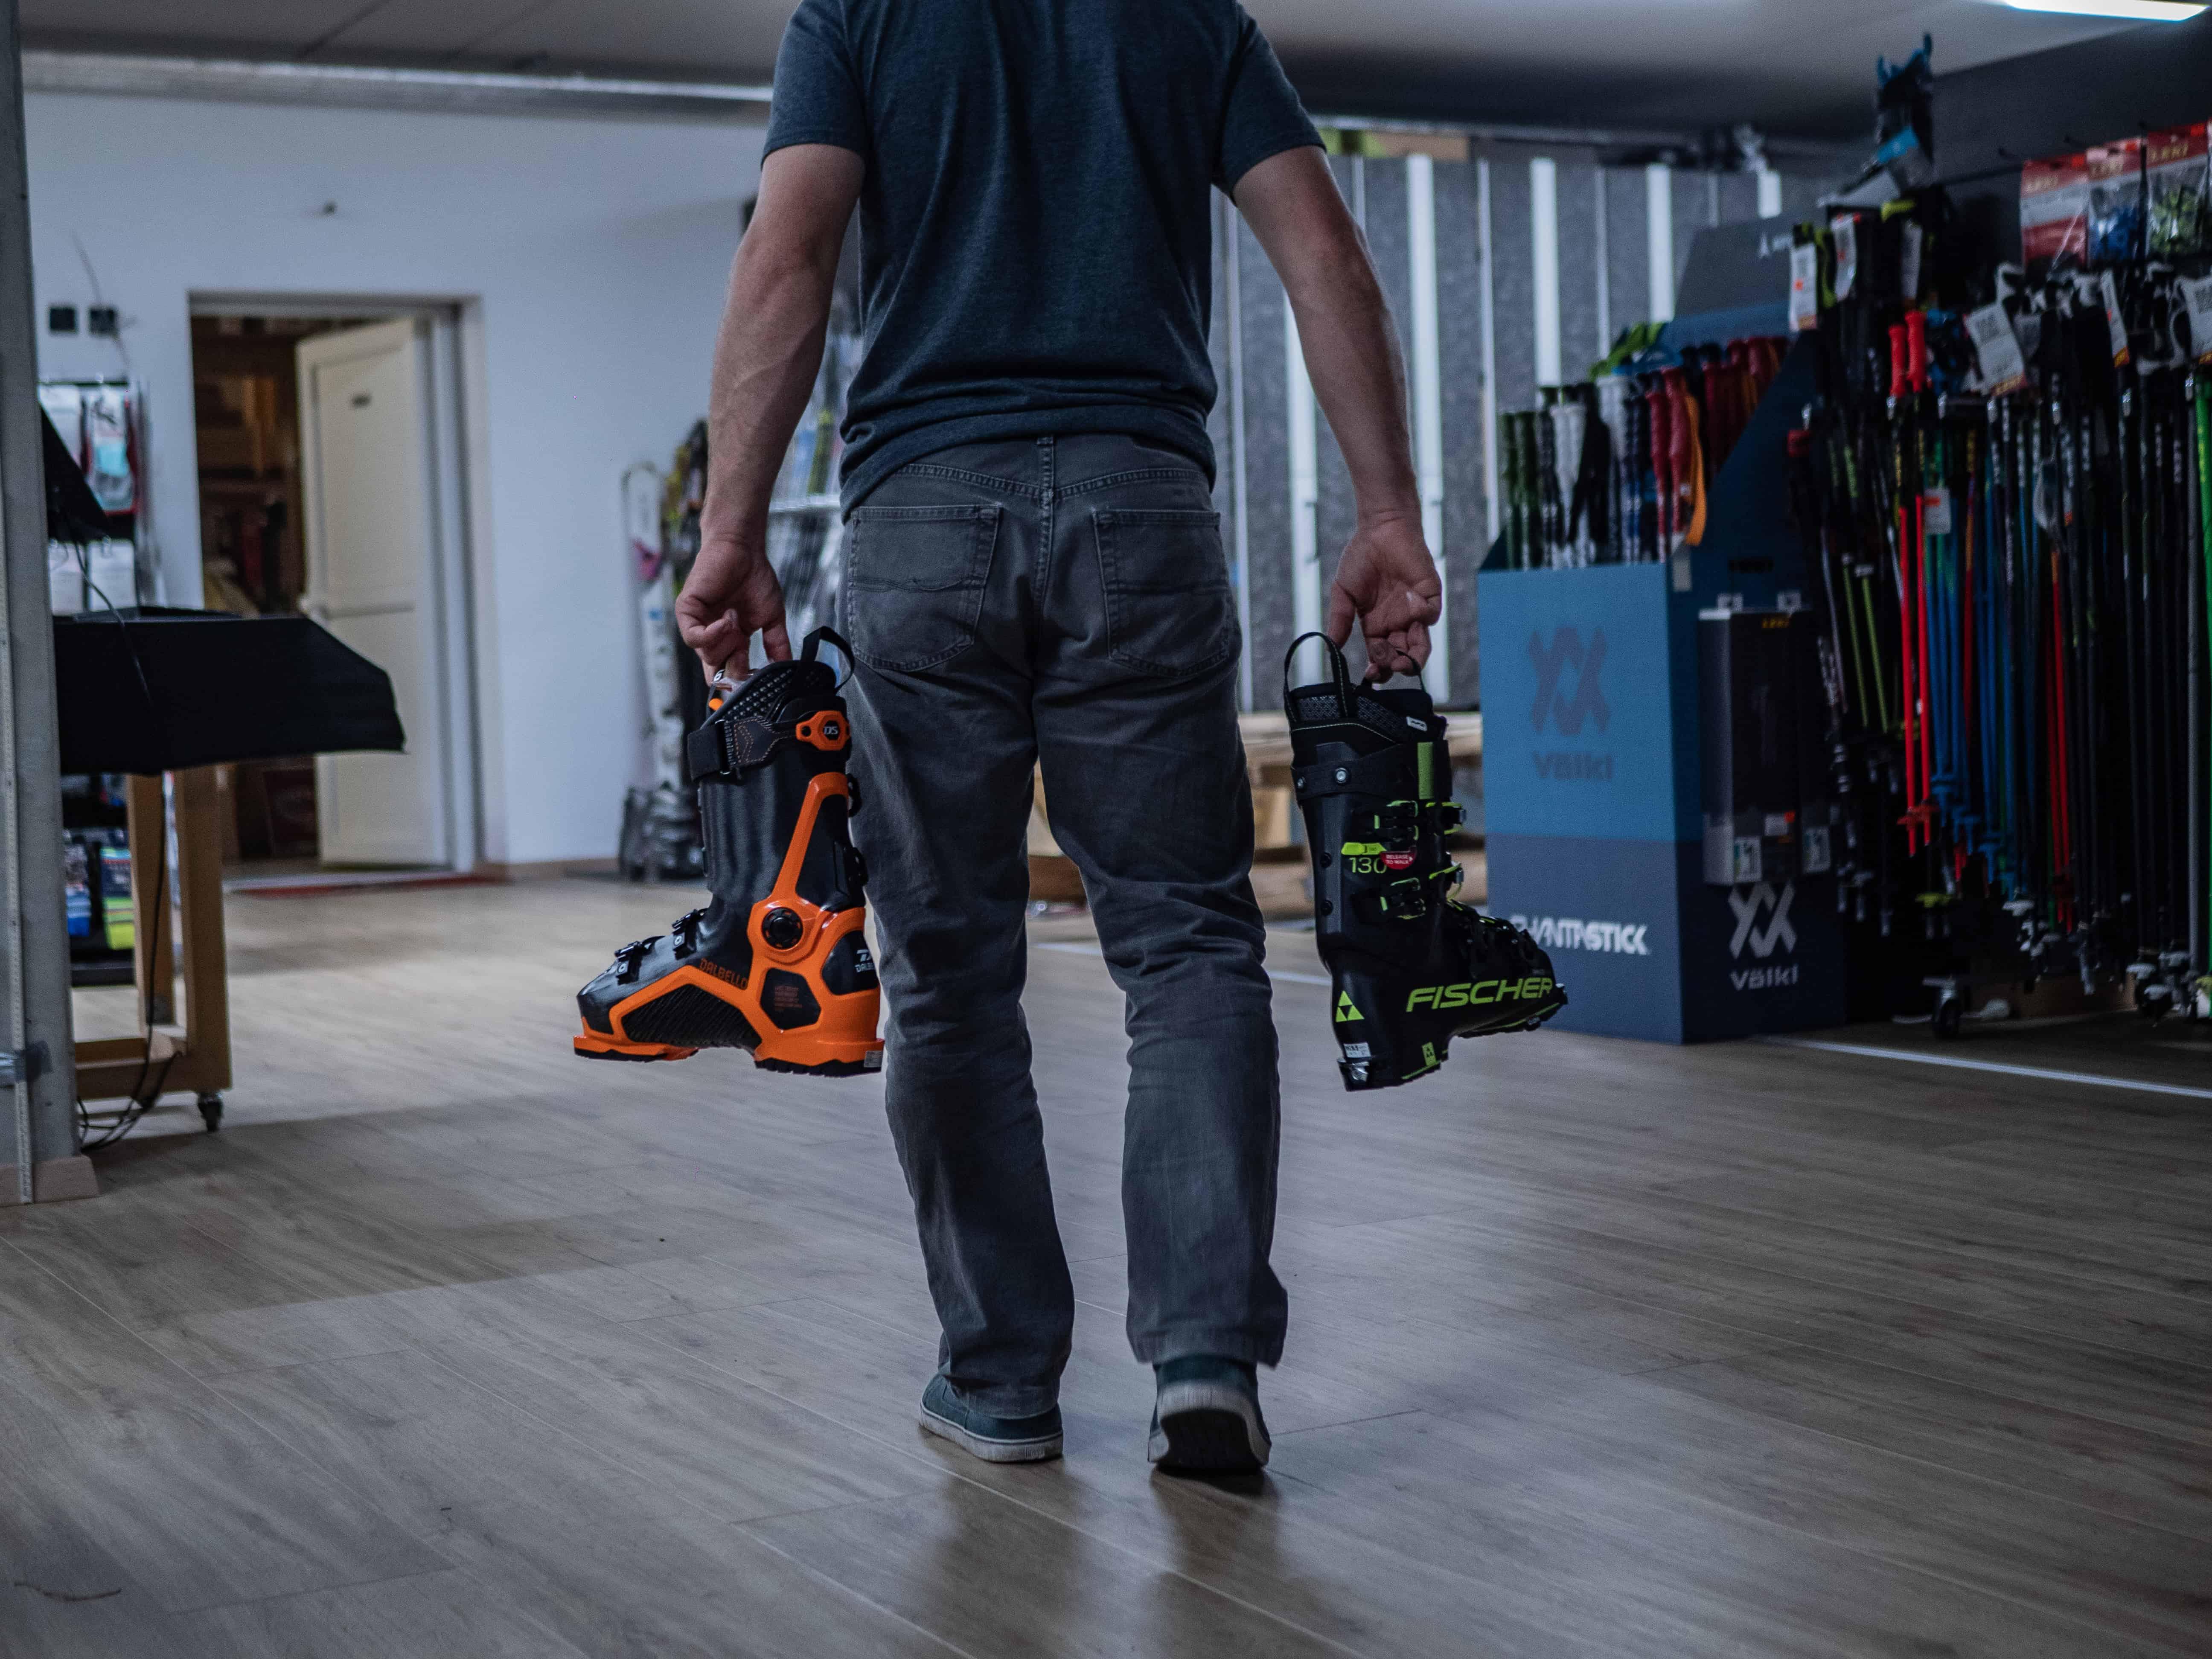 moritz-hamberger_slackline-skifahren-design_verkauf skischuhe bene top hersteller_verkauf_skischuhe-bene-top-hersteller